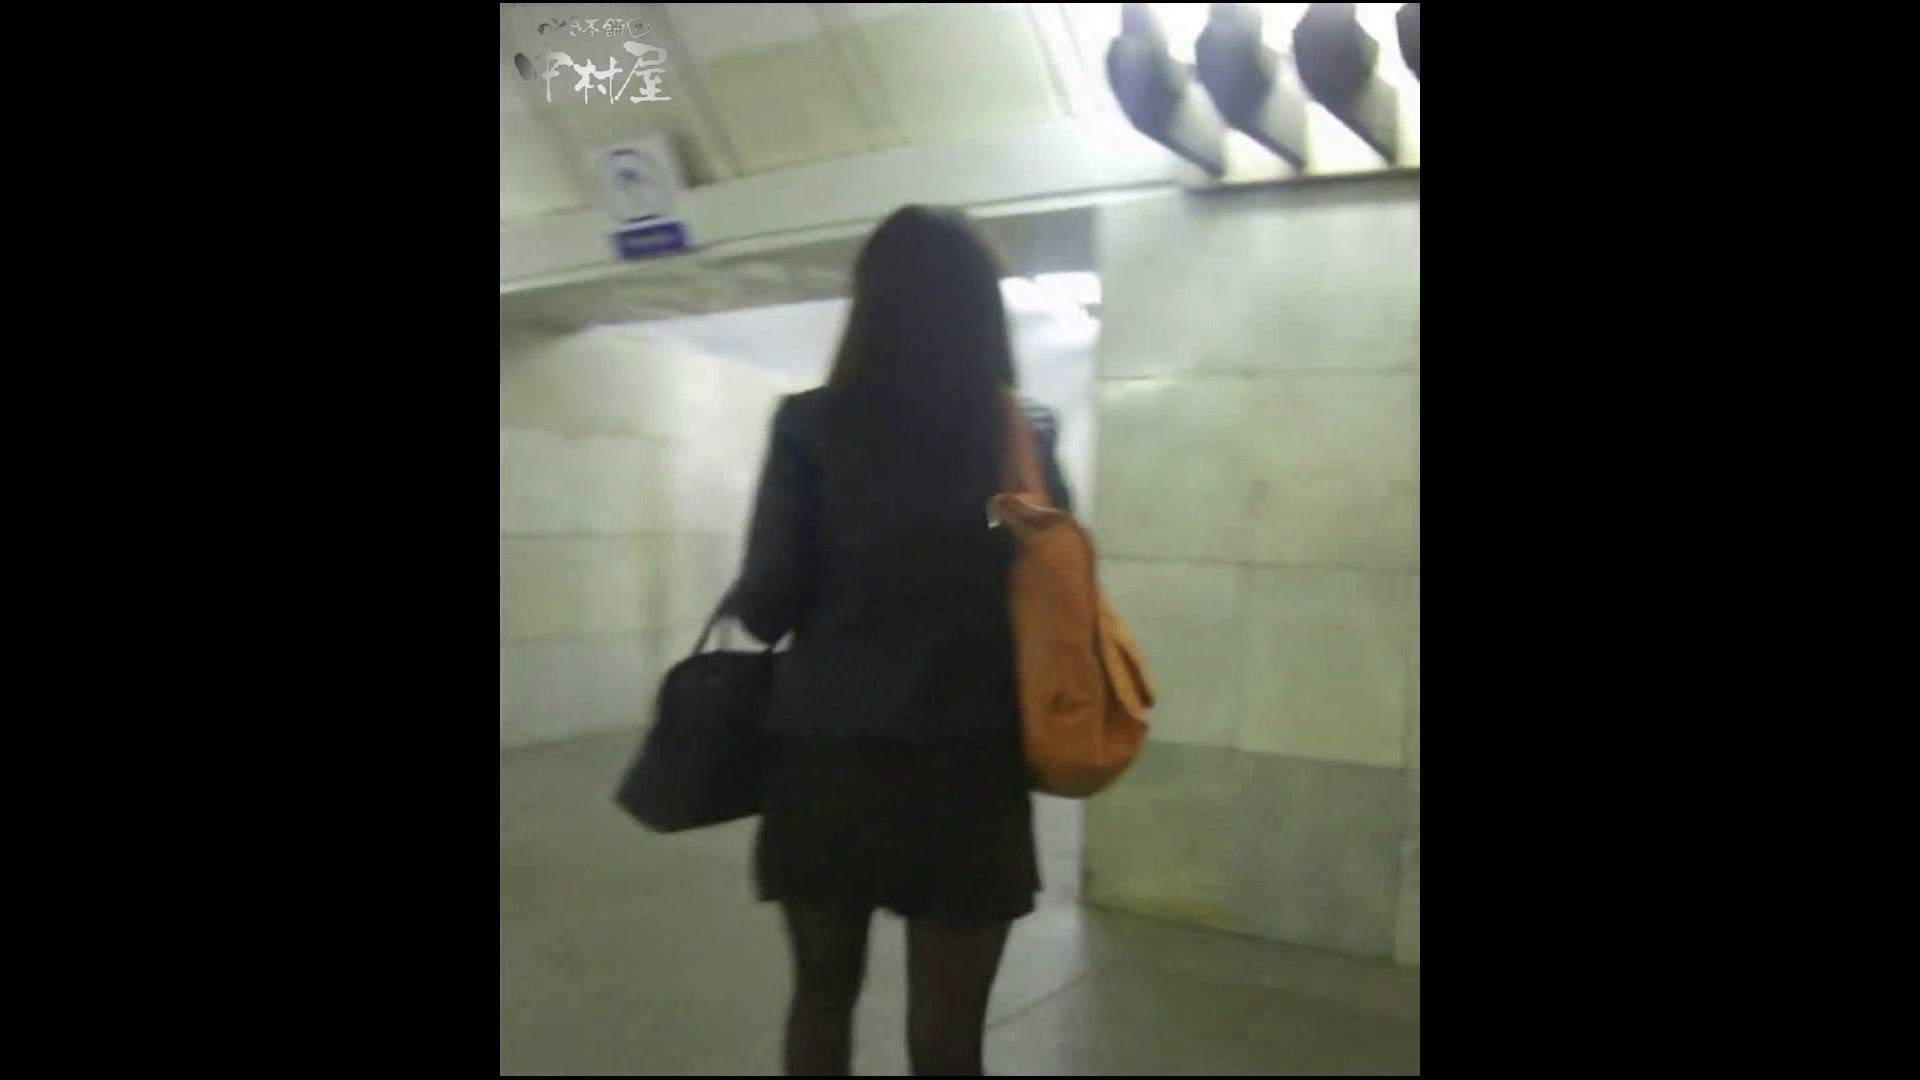 綺麗なモデルさんのスカート捲っちゃおう‼ vol12 モデルヌード   Hなお姉さん  93pic 55